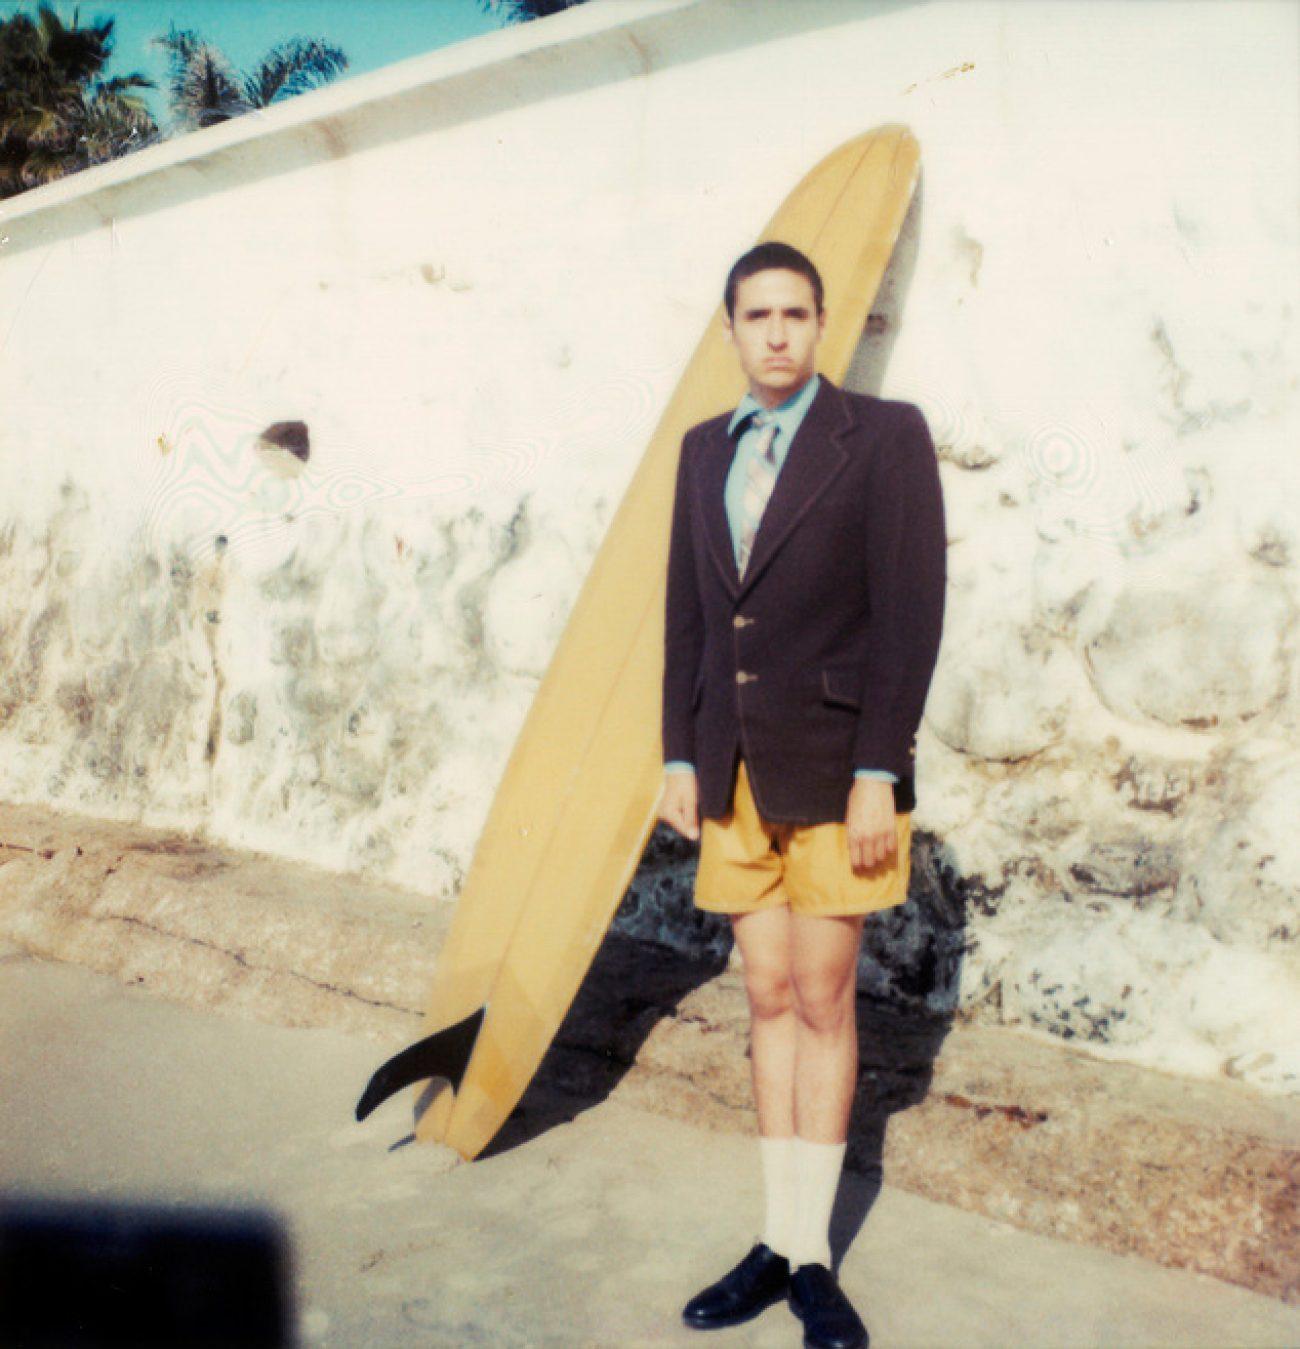 hipster-surfer